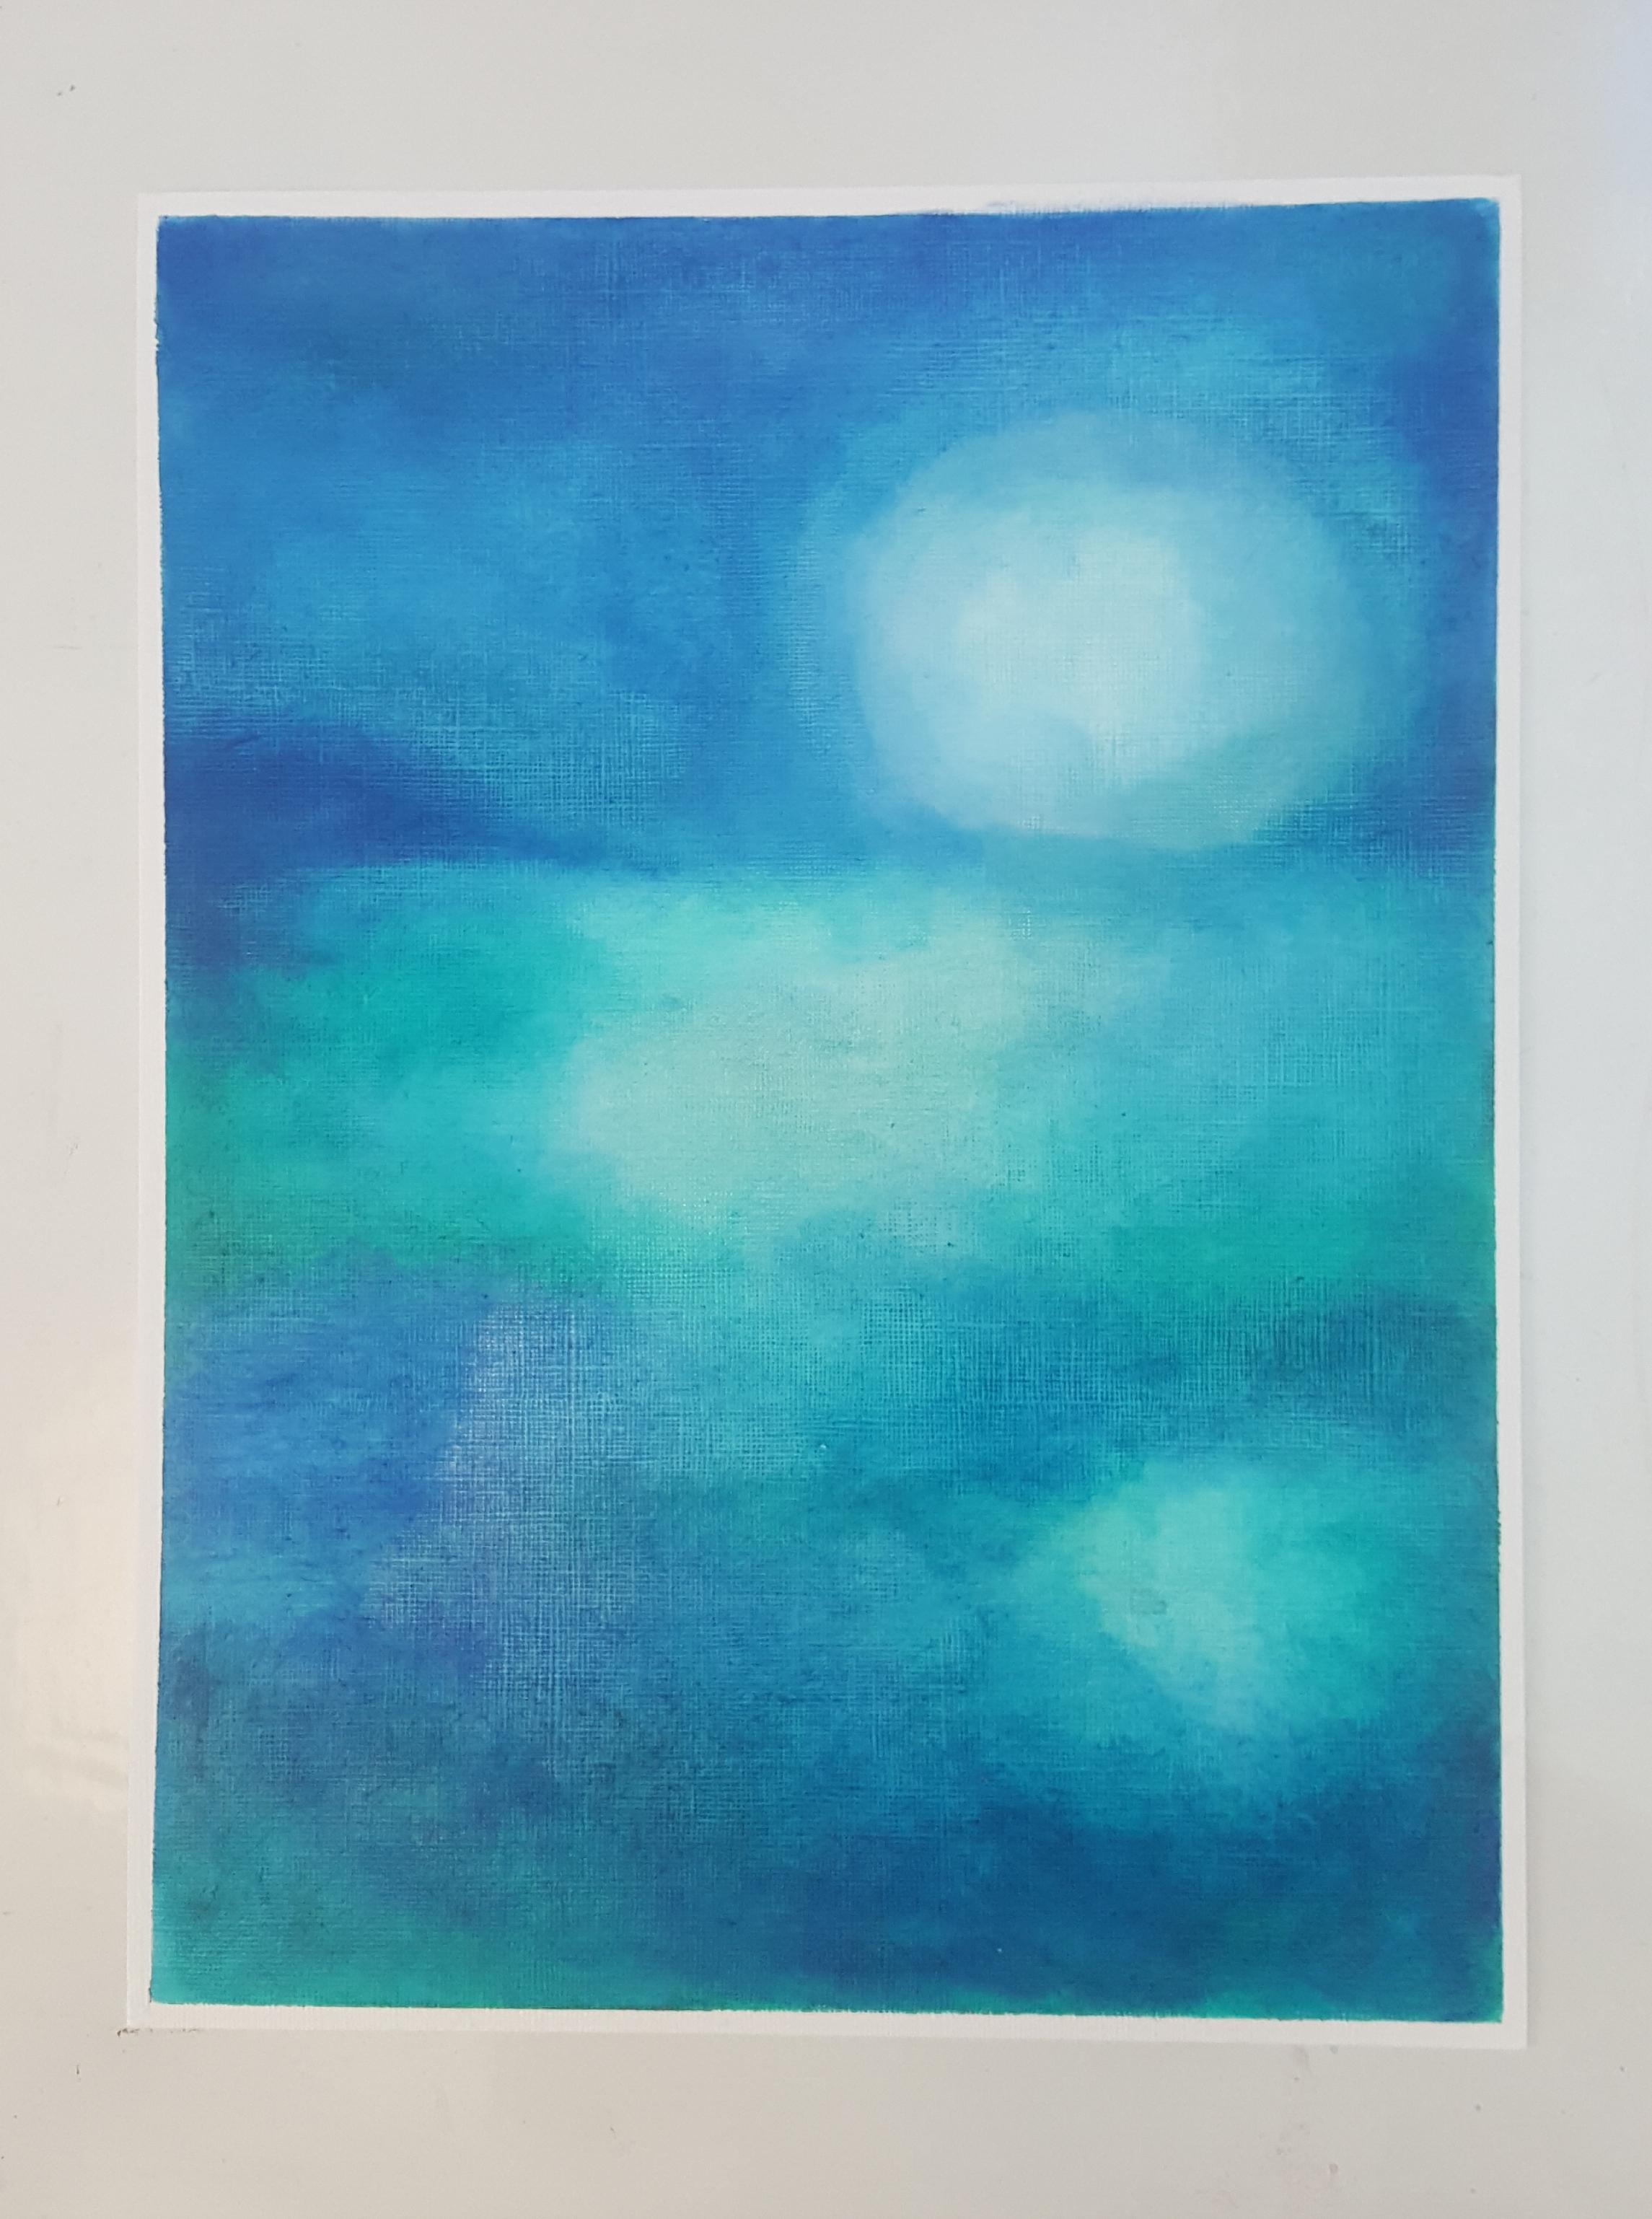 ציור פרי מכחולה של מיכל סלה